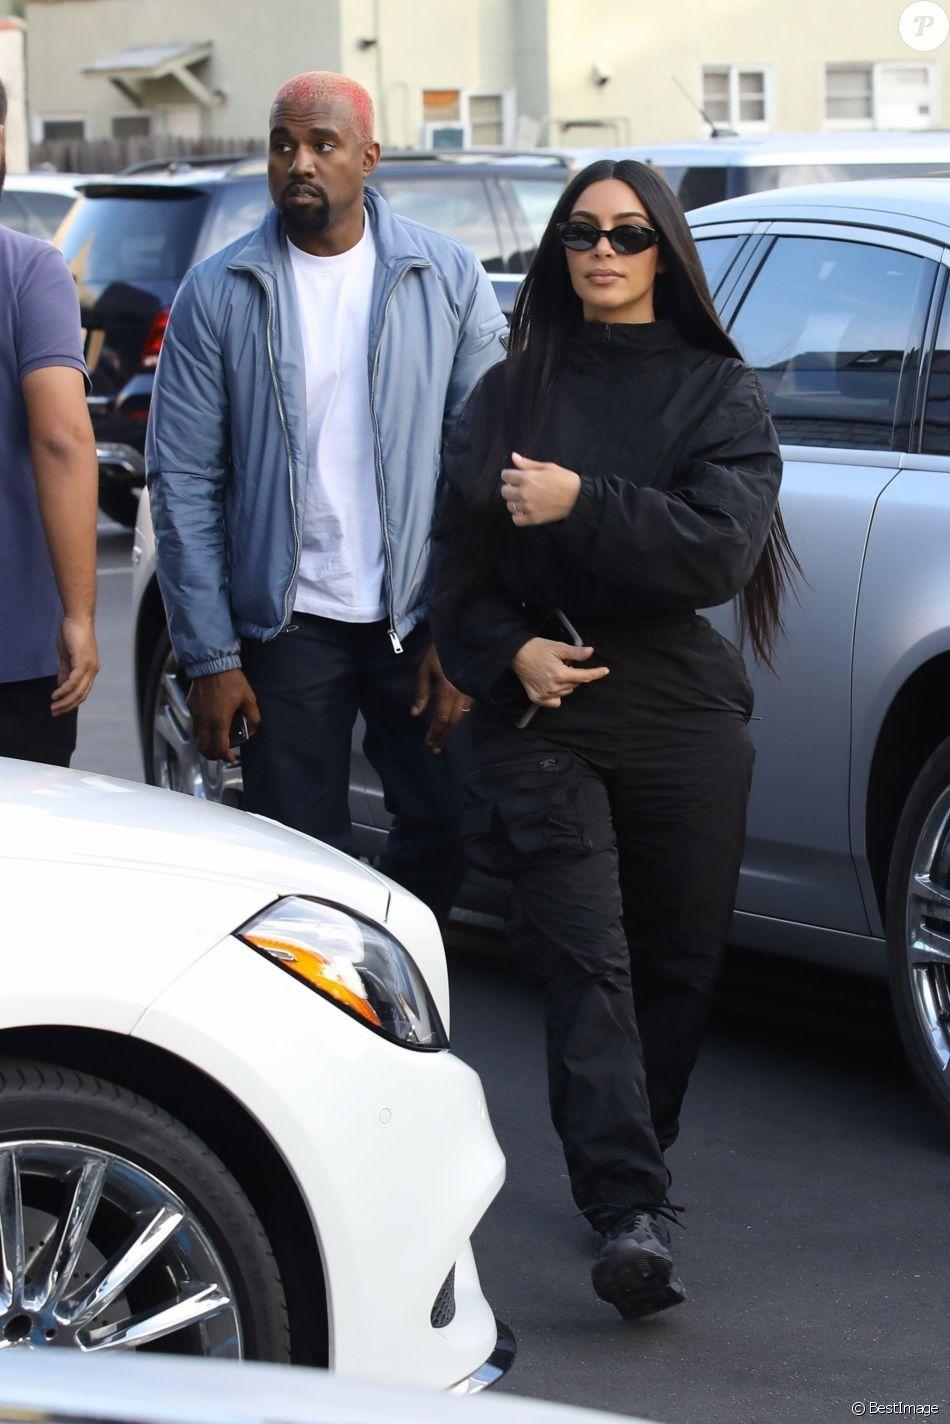 Exclusif - Kanye West et sa femme Kim Kardashian se rendent à la bijouterie XIV Karats à Beverly Hills le 17 novembre 2018.